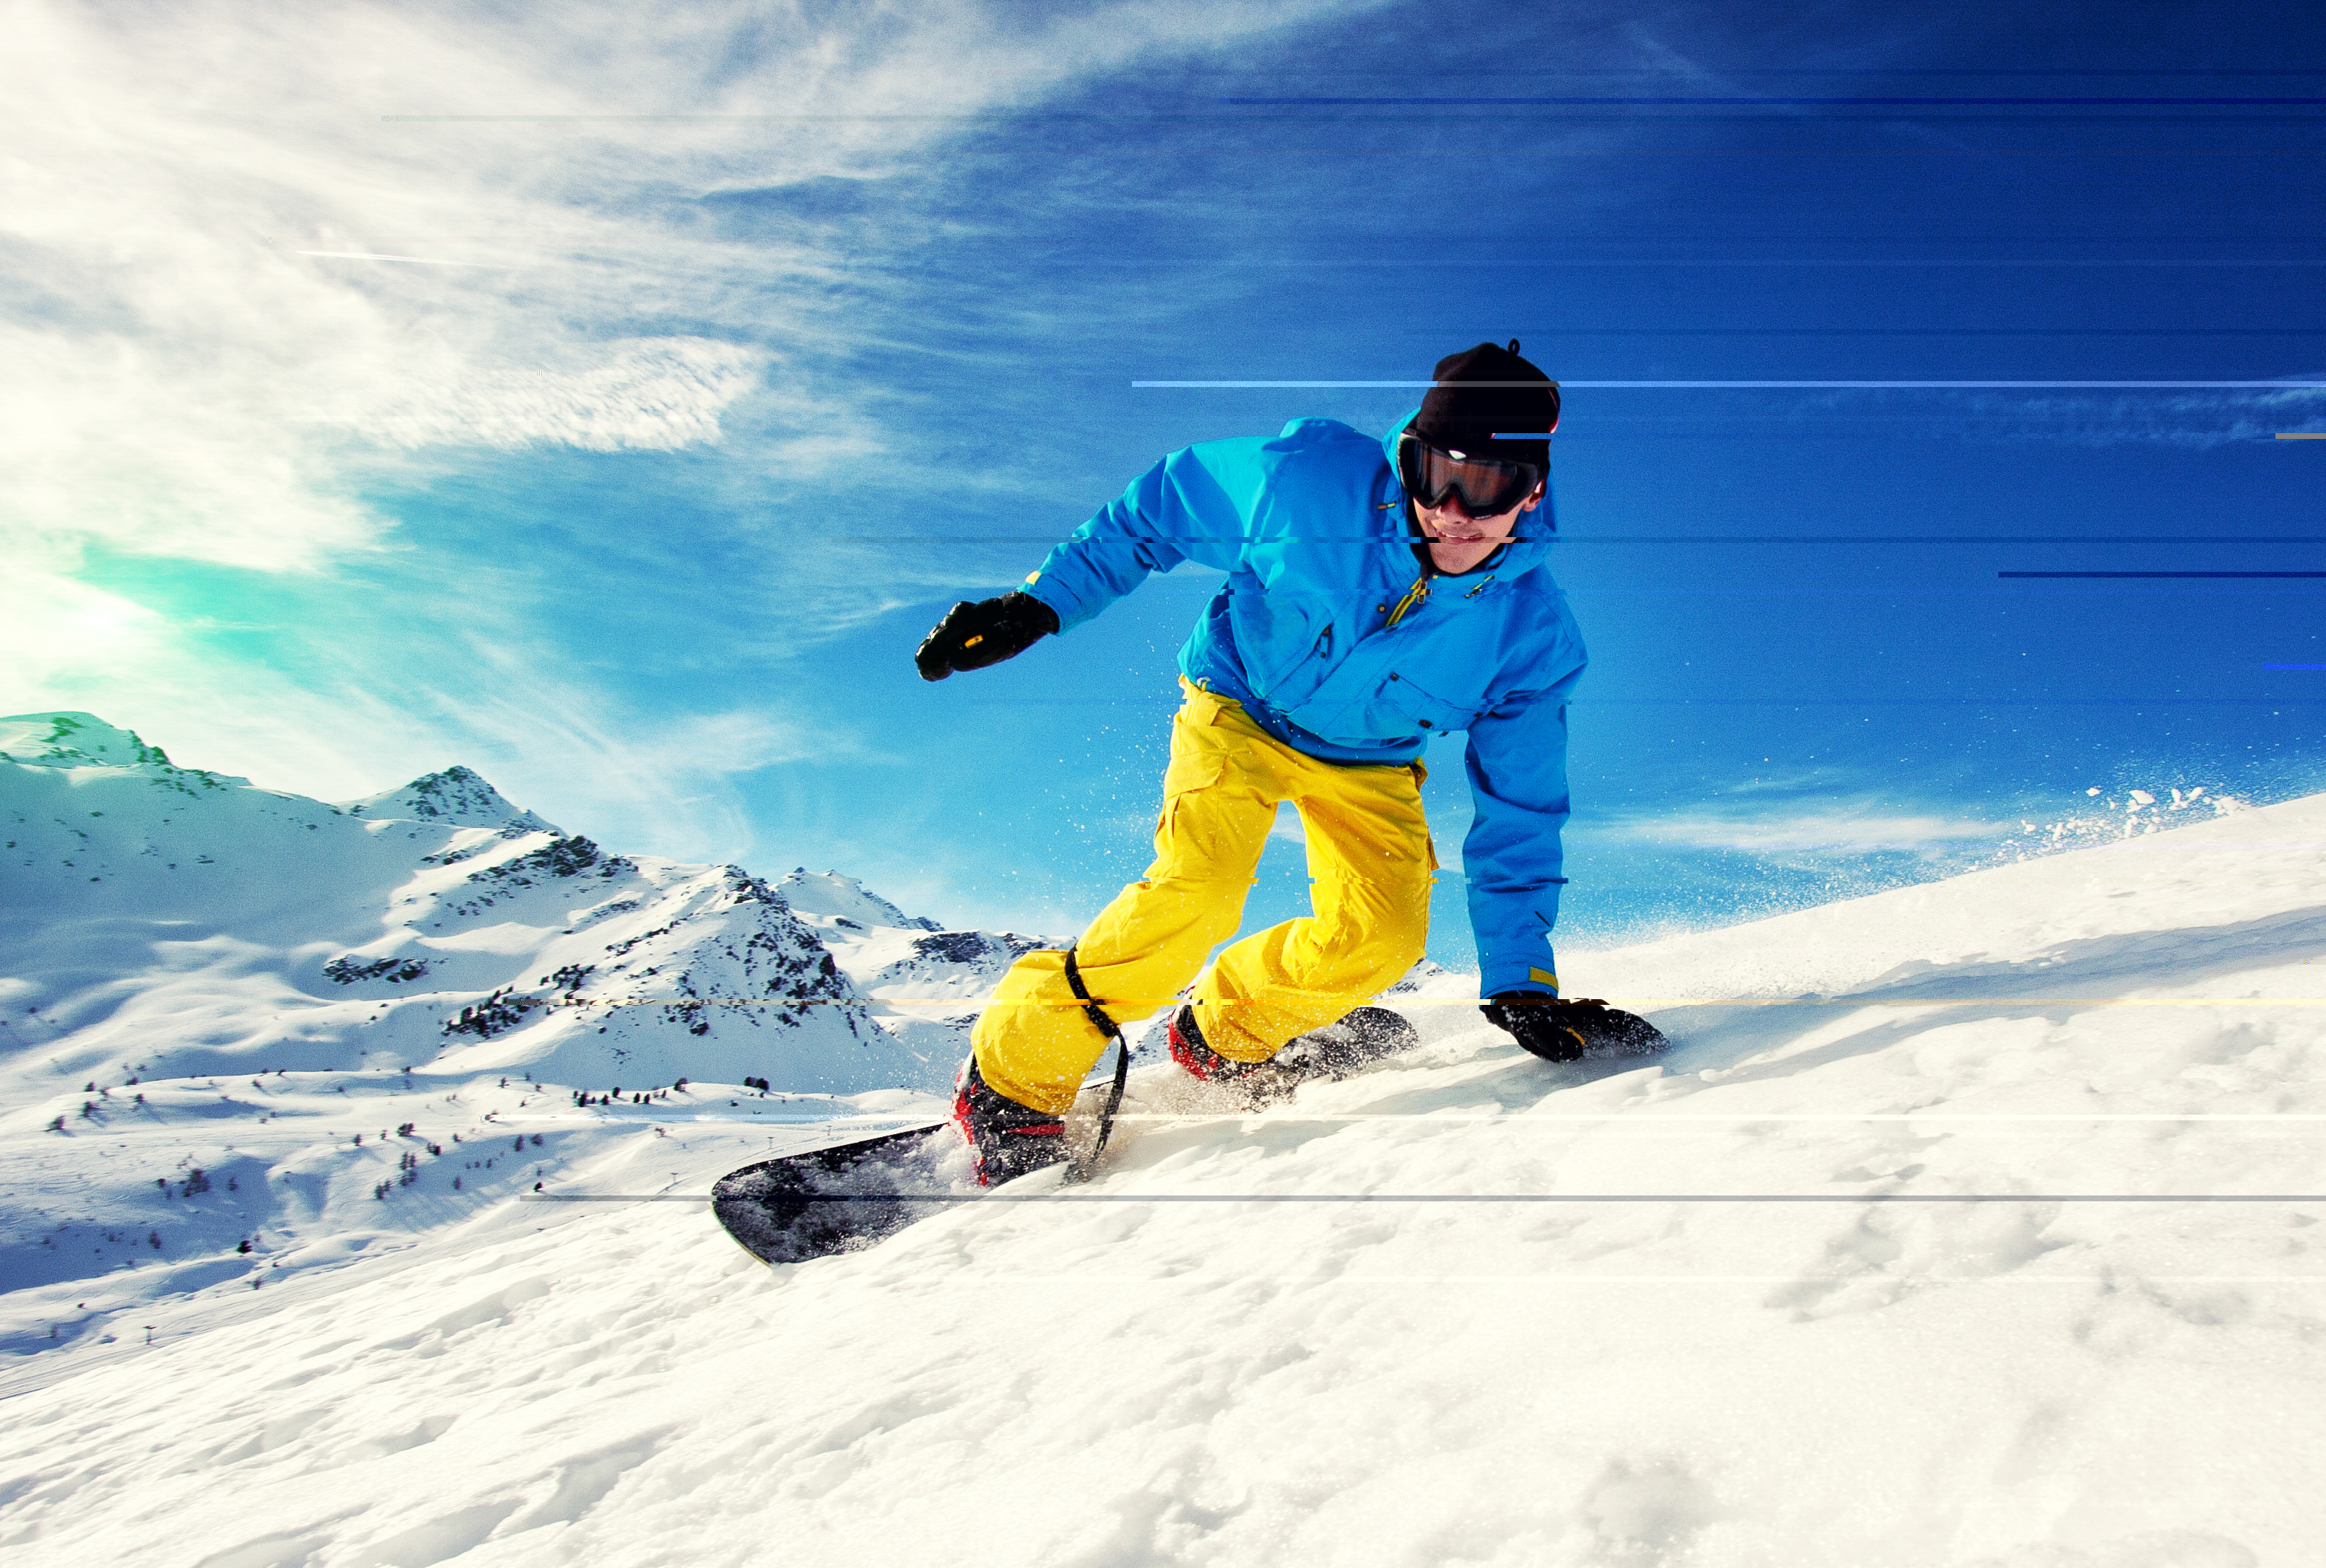 Infor będzie wspierał cyfrową transformację i globalną ekspansję firmy Burton Snowboards